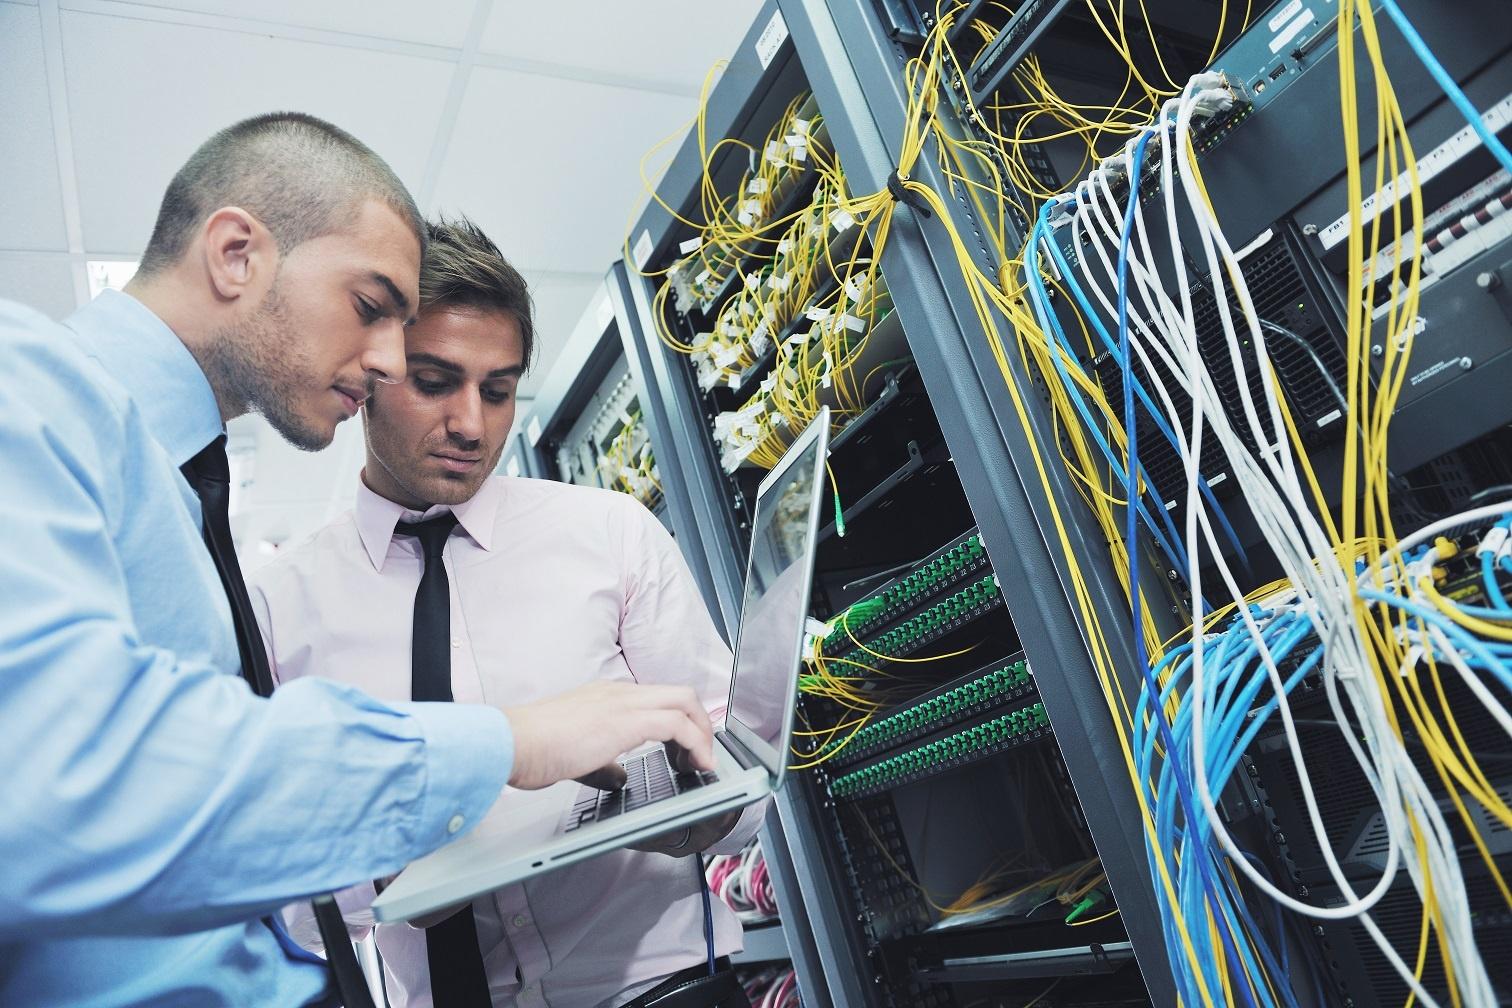 businessmen in a network server room